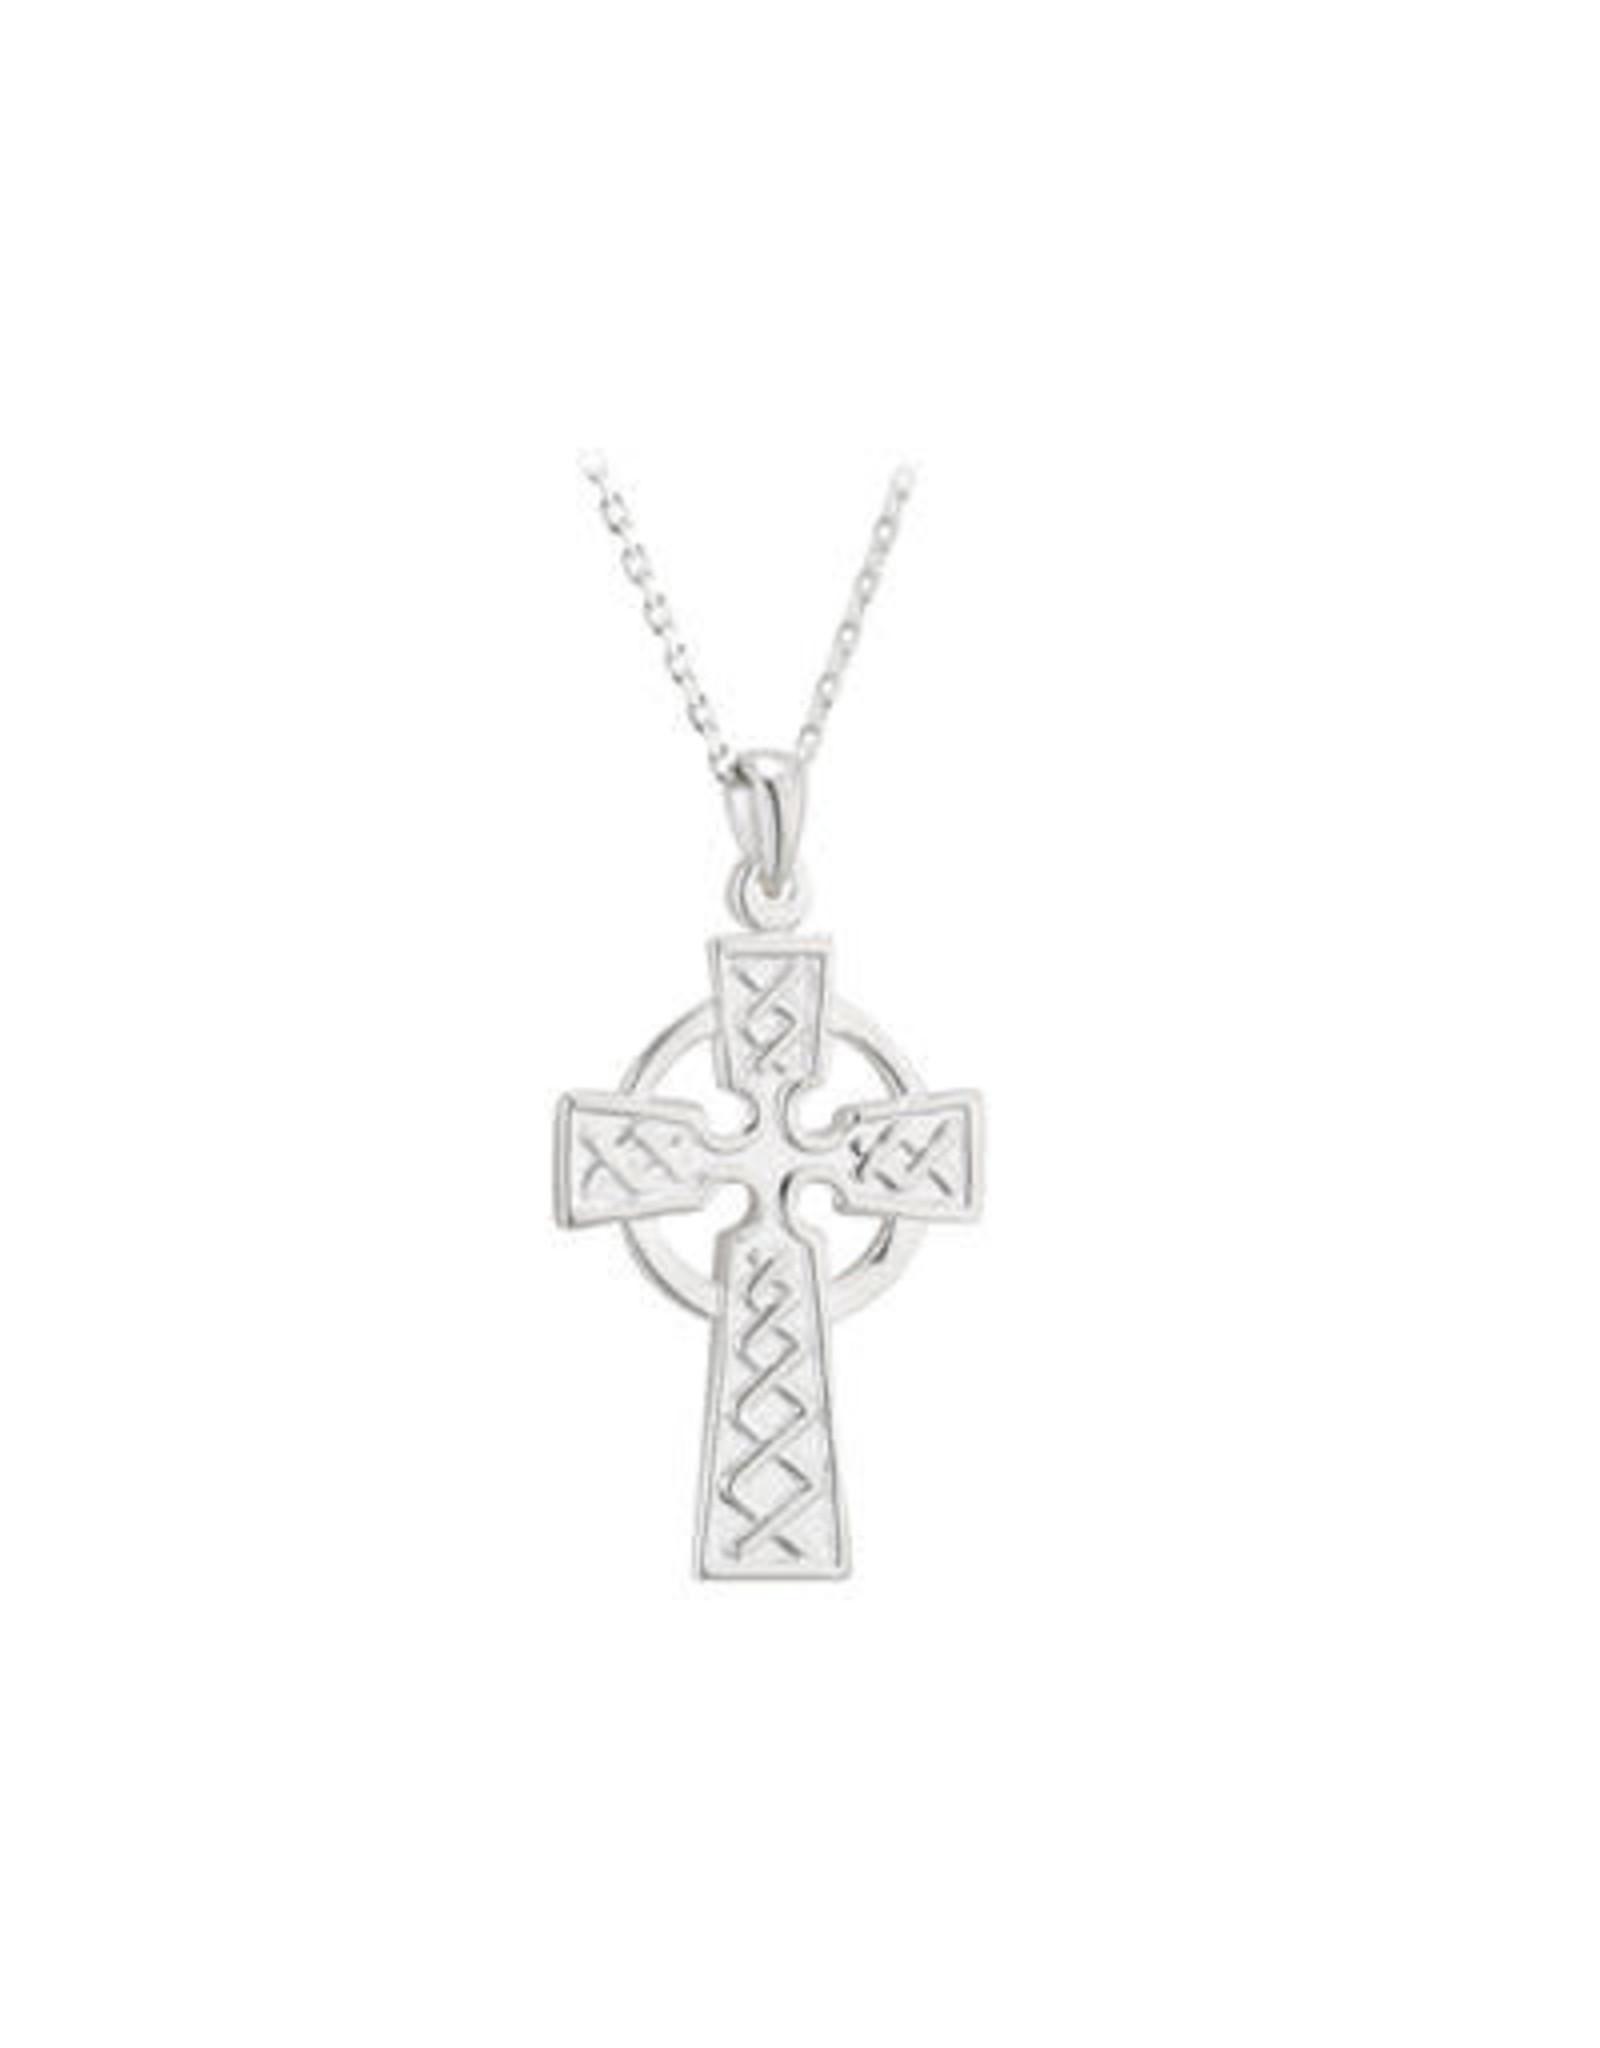 Solvar Sterling Silver 21 mm Celtic Cross by Solvar